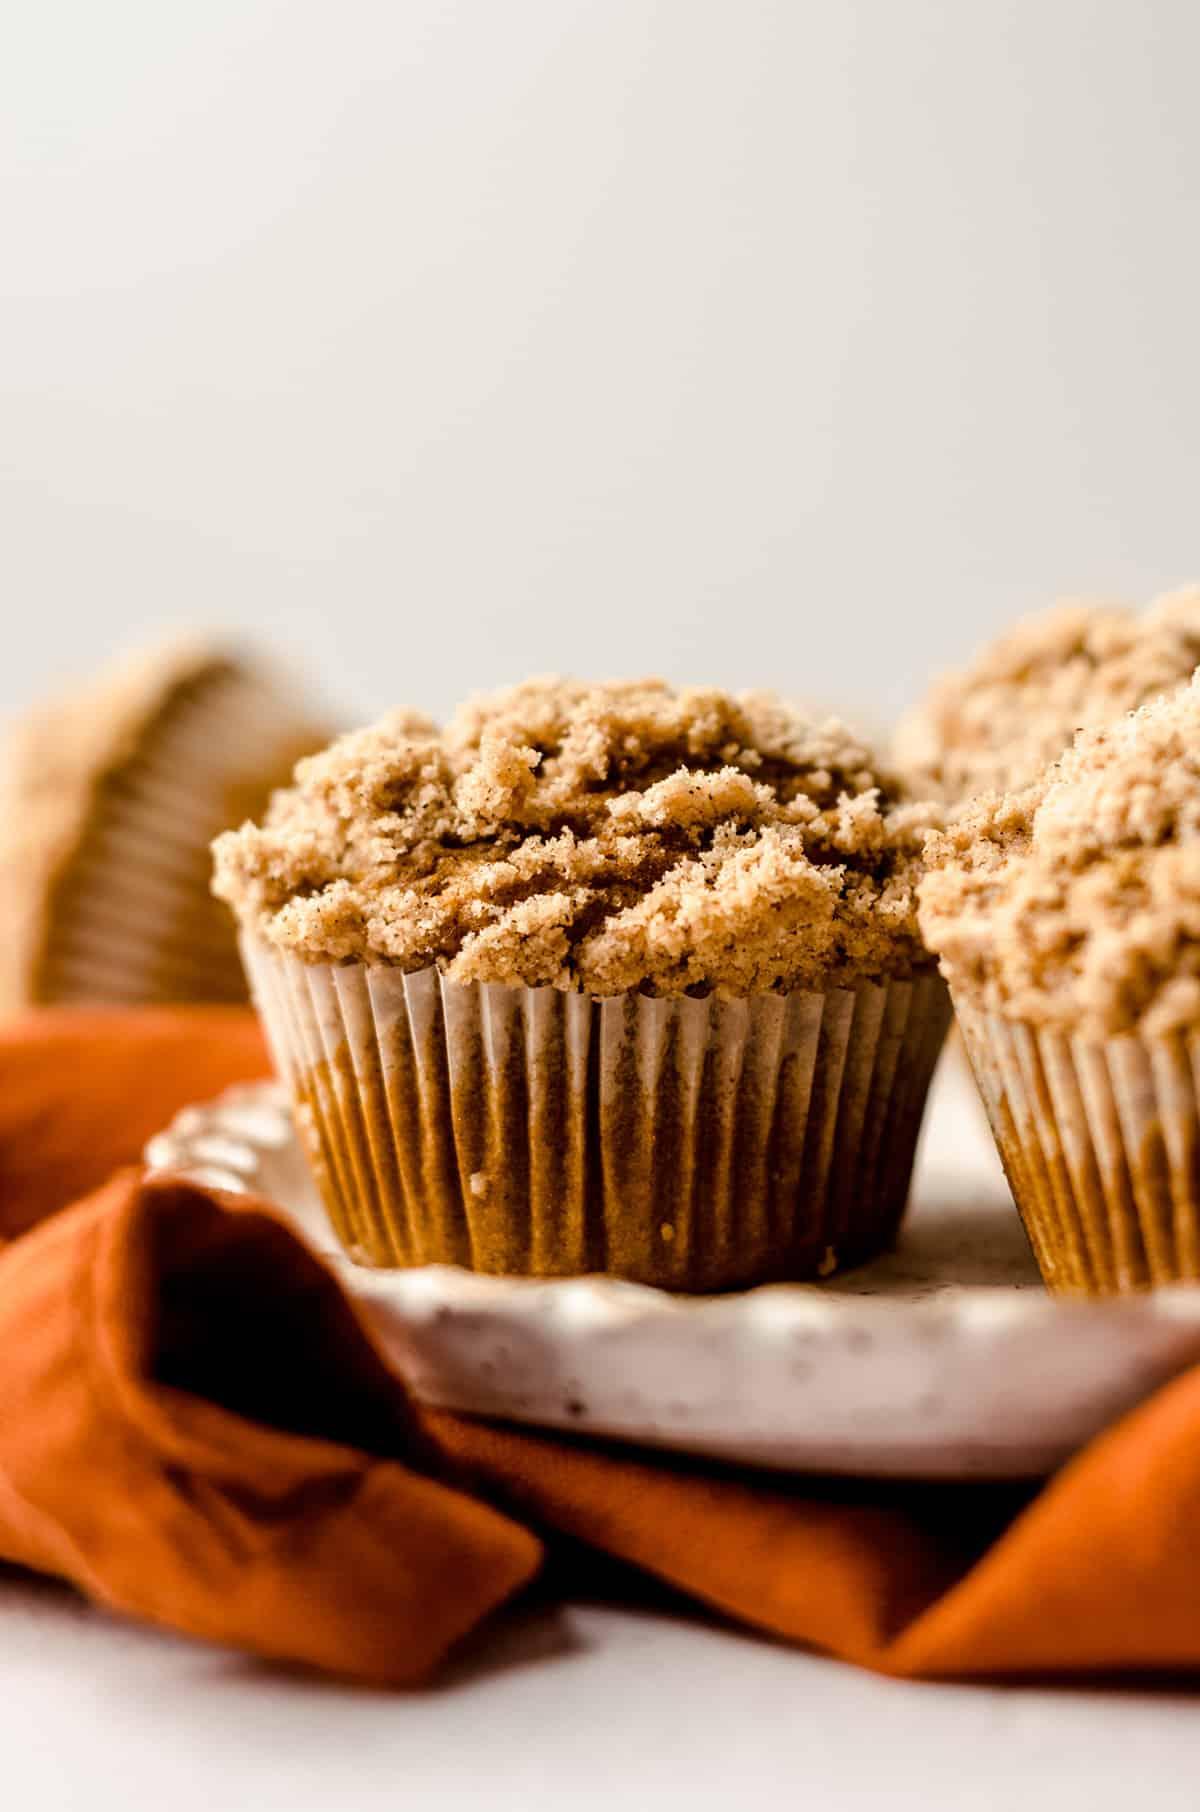 pumpkin muffins on a plate